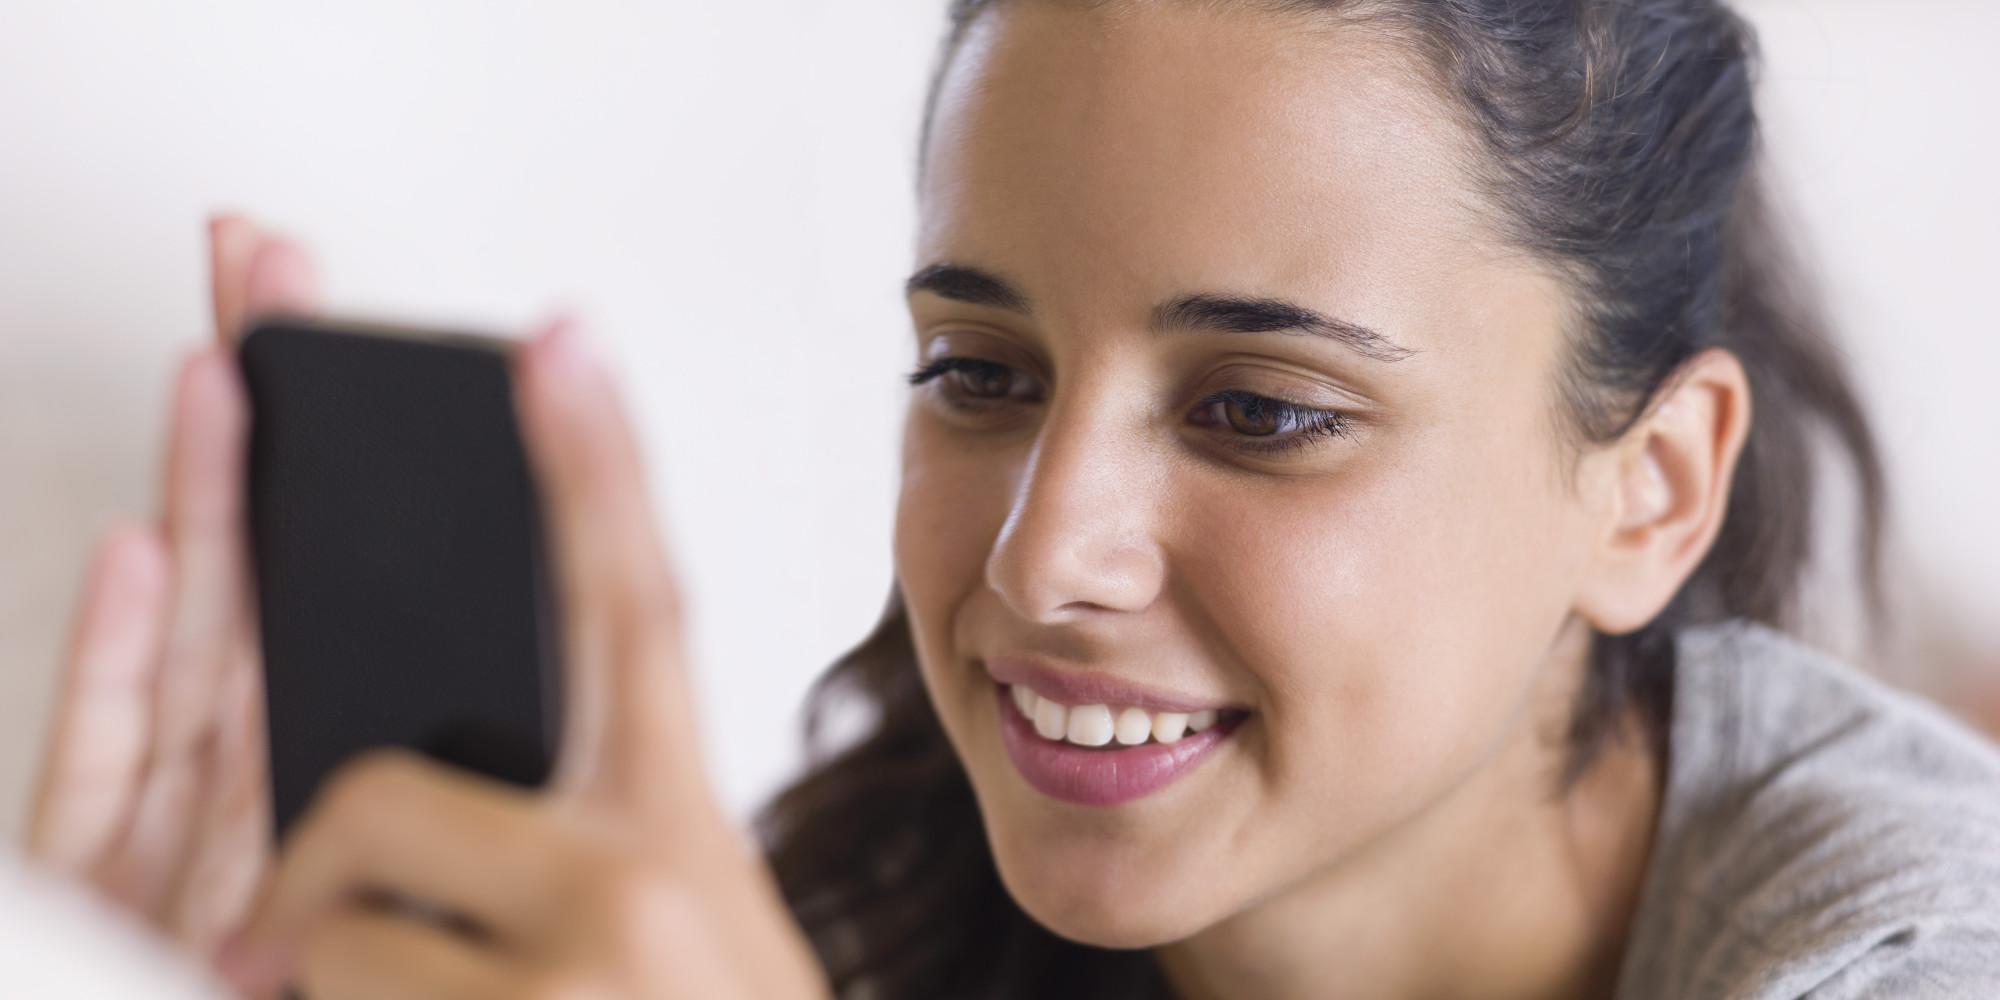 ये लव है या फिर सज़ा - teen girl using phone